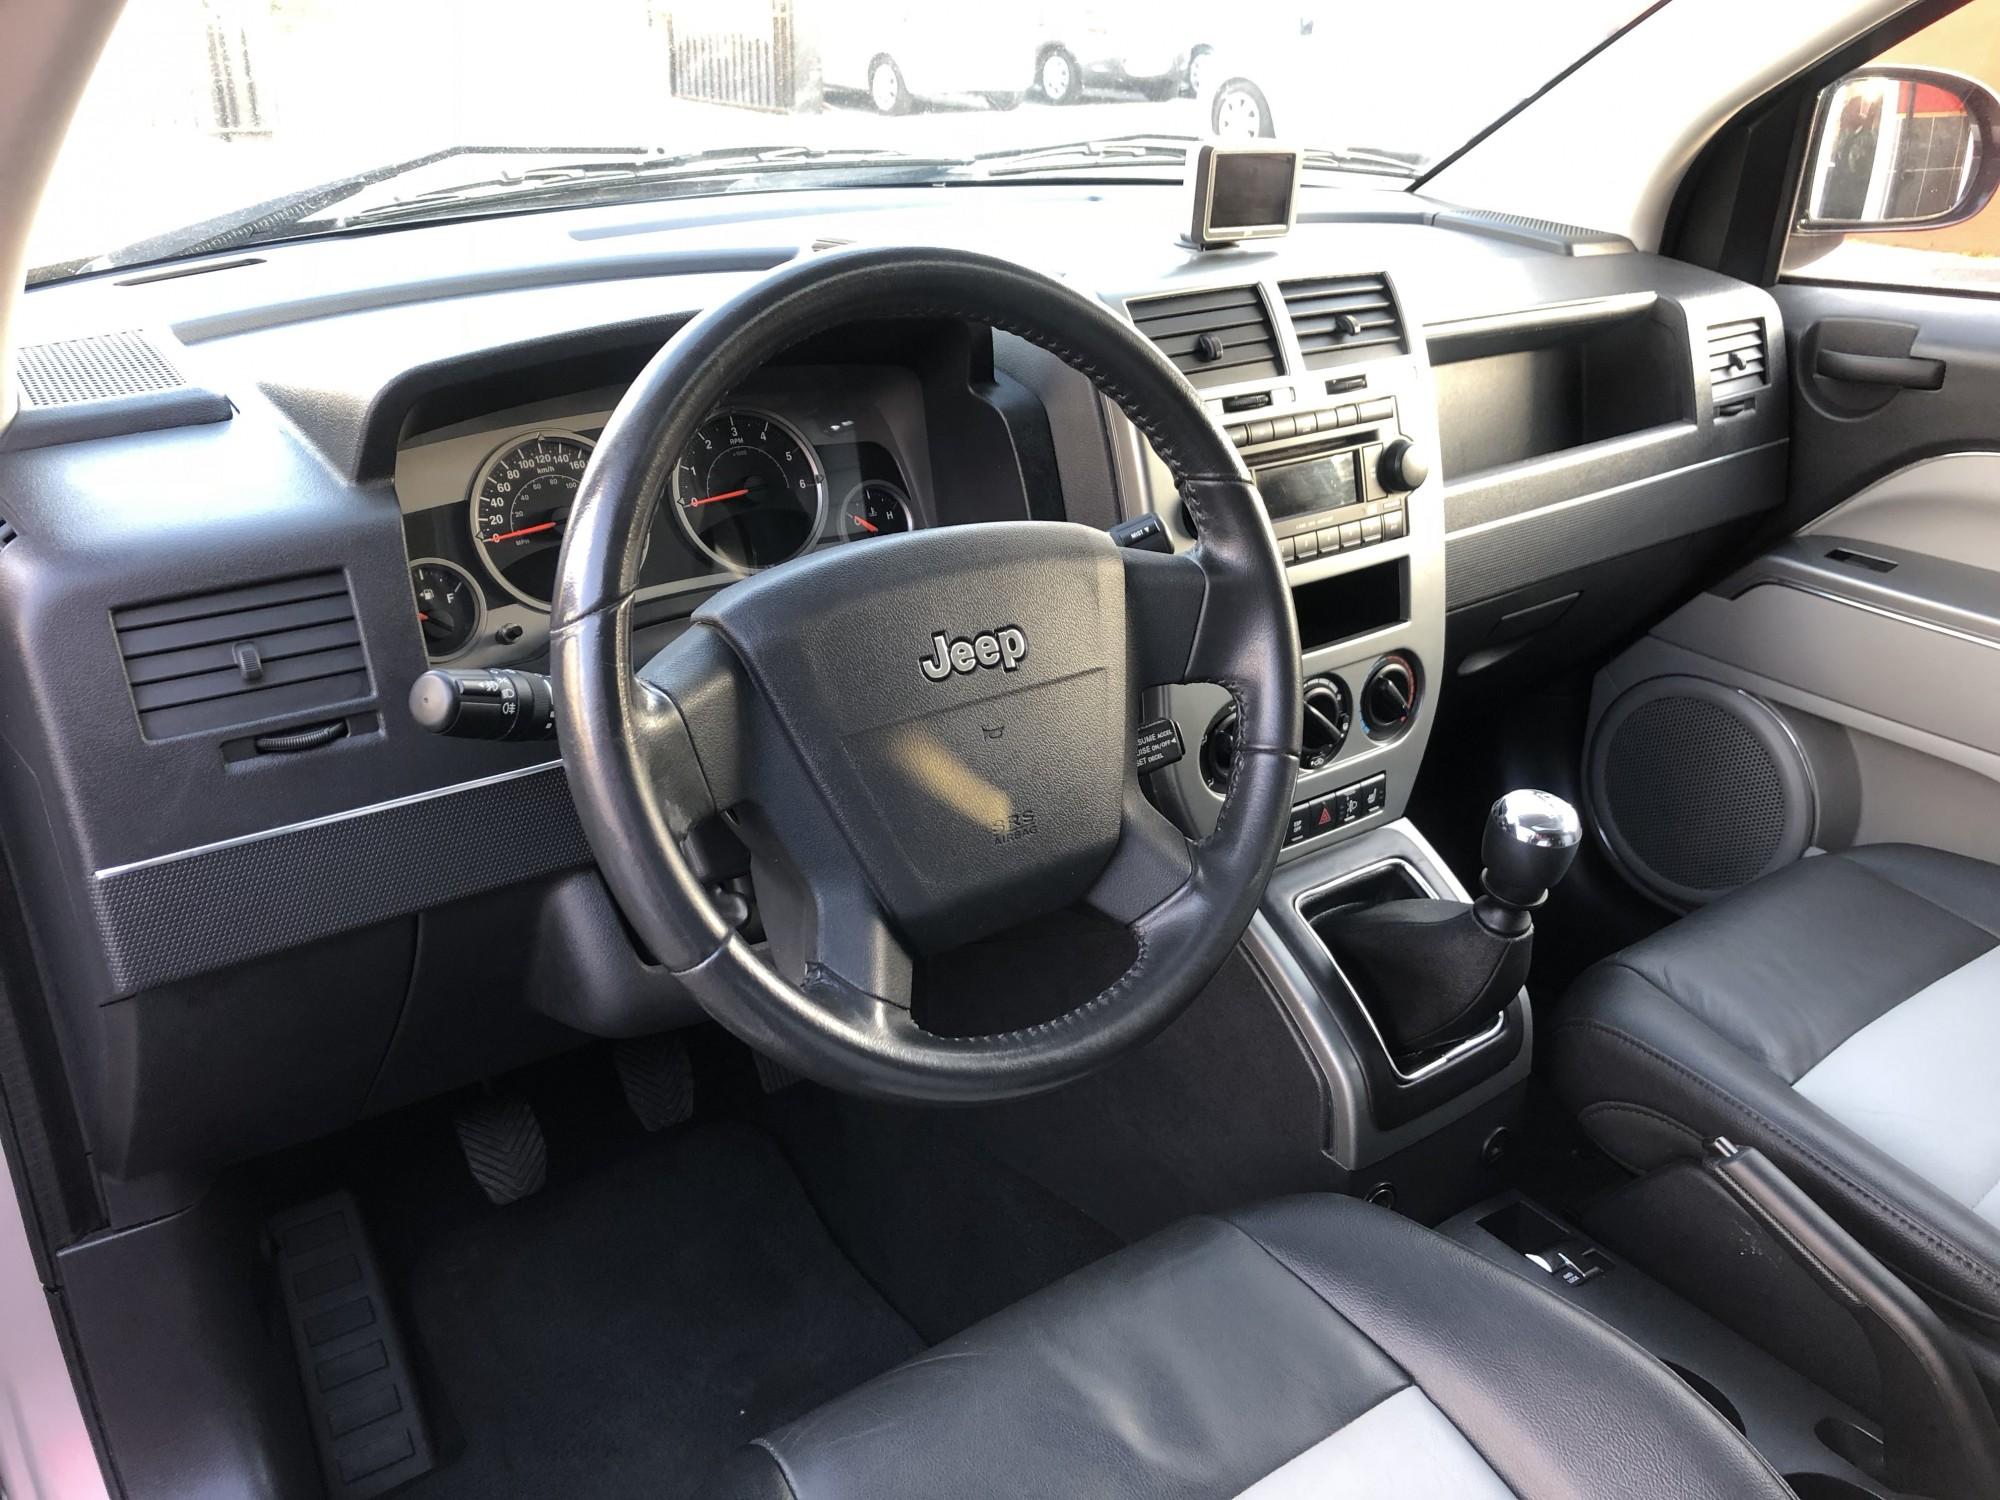 4x4 jeep compass 2 0 crd 140 ch limited de 2007 voir dans les bouches du rh ne proche de l. Black Bedroom Furniture Sets. Home Design Ideas